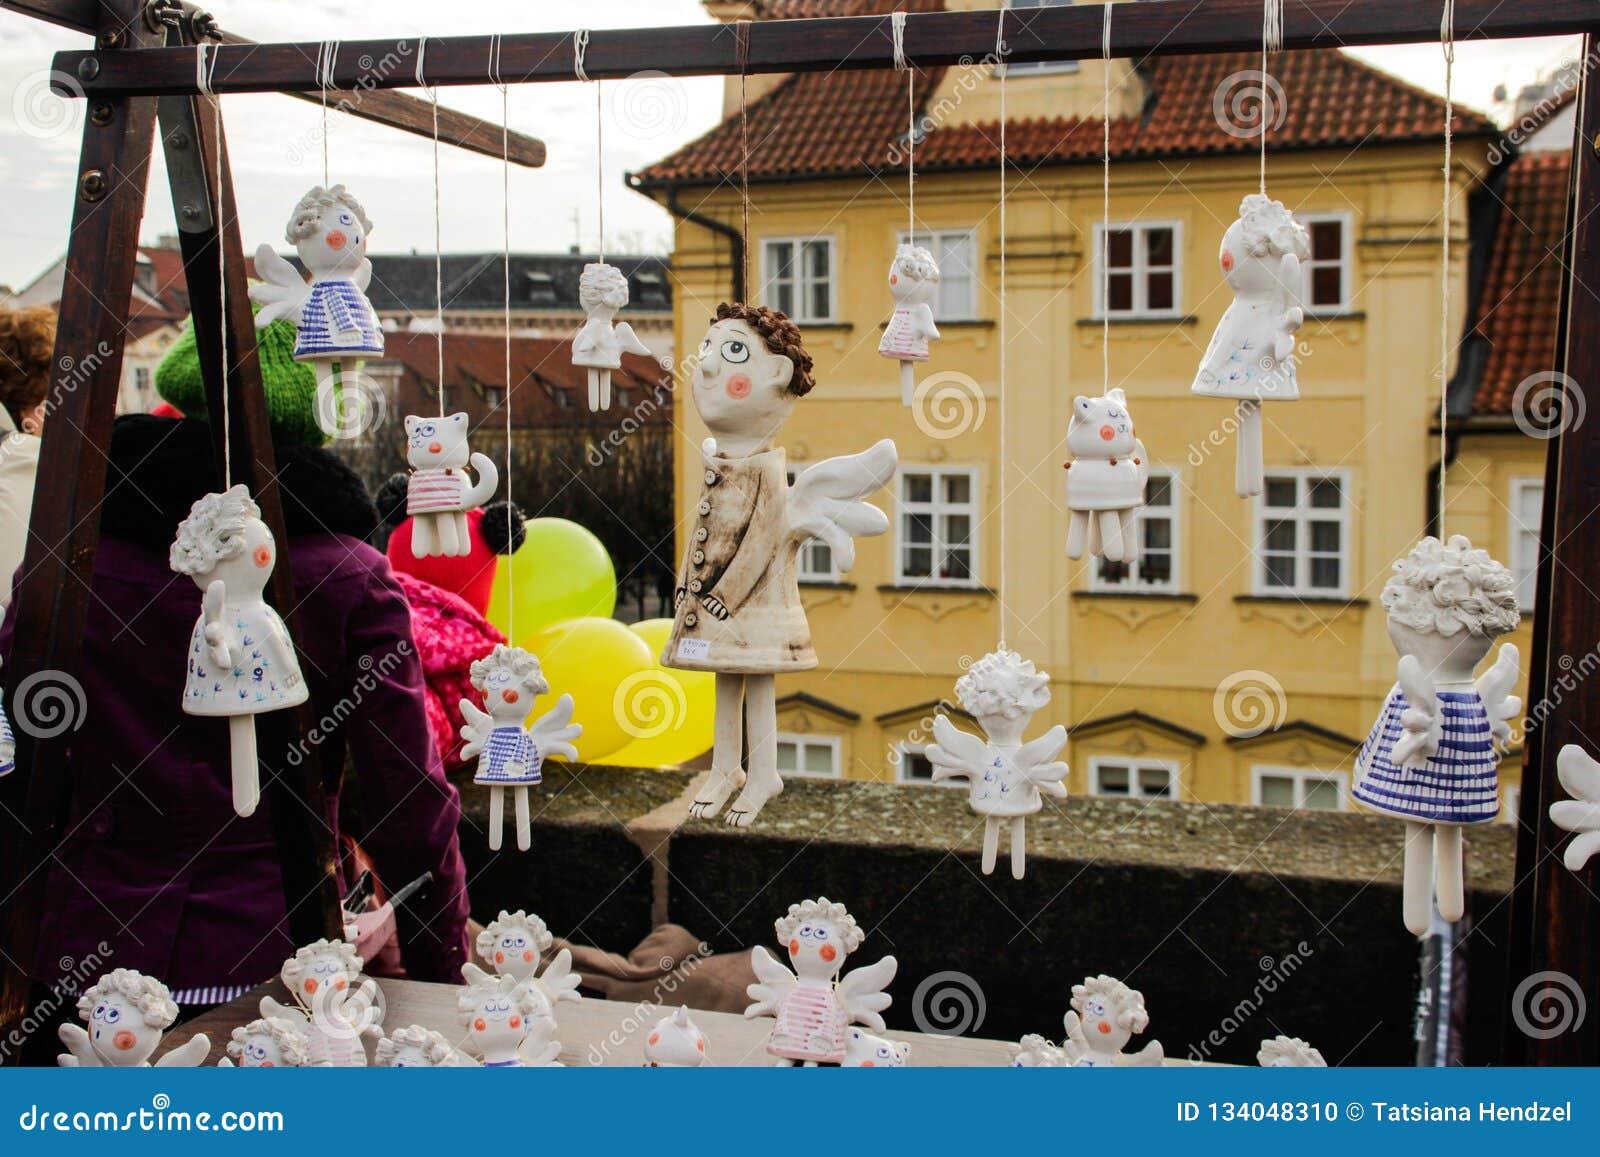 Οι κεραμικοί άγγελοι με τα φτερά κρεμούν στα σχοινιά στην αγορά Χριστουγέννων